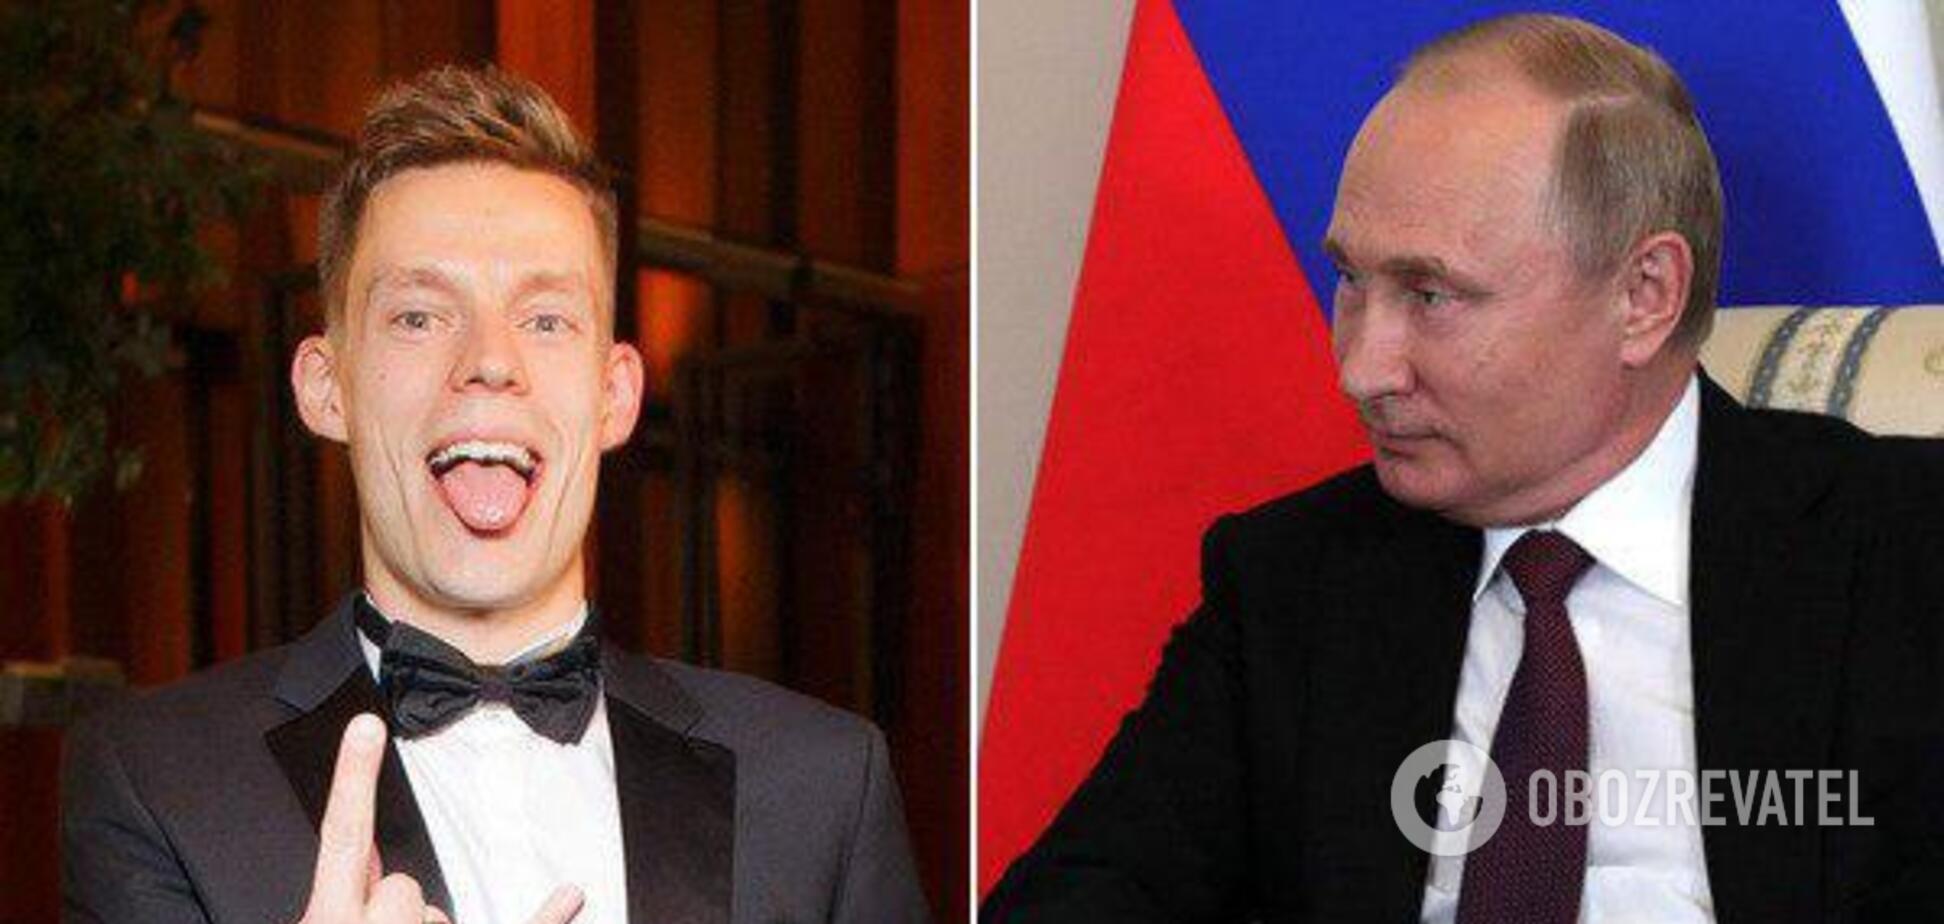 'Путин обеспокоен': в России заговорили о неожиданном кандидате в президенты